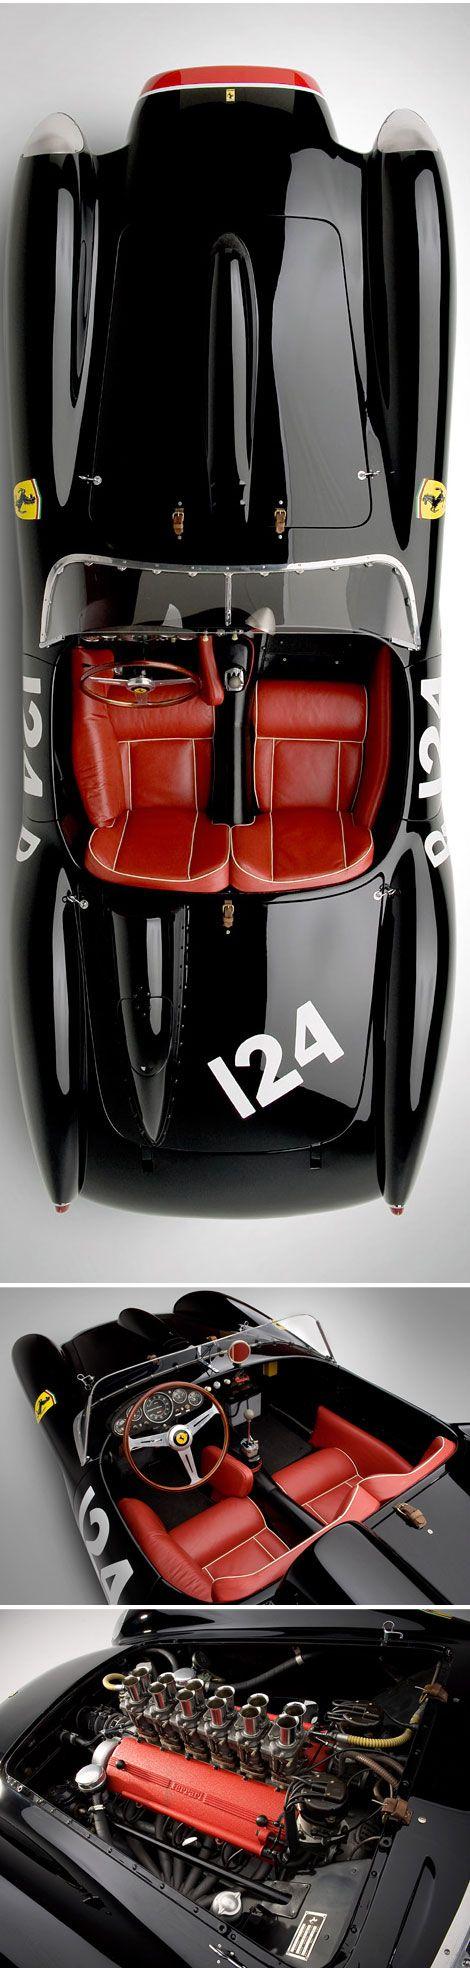 Ferrari 250 TestaRossa want it bad